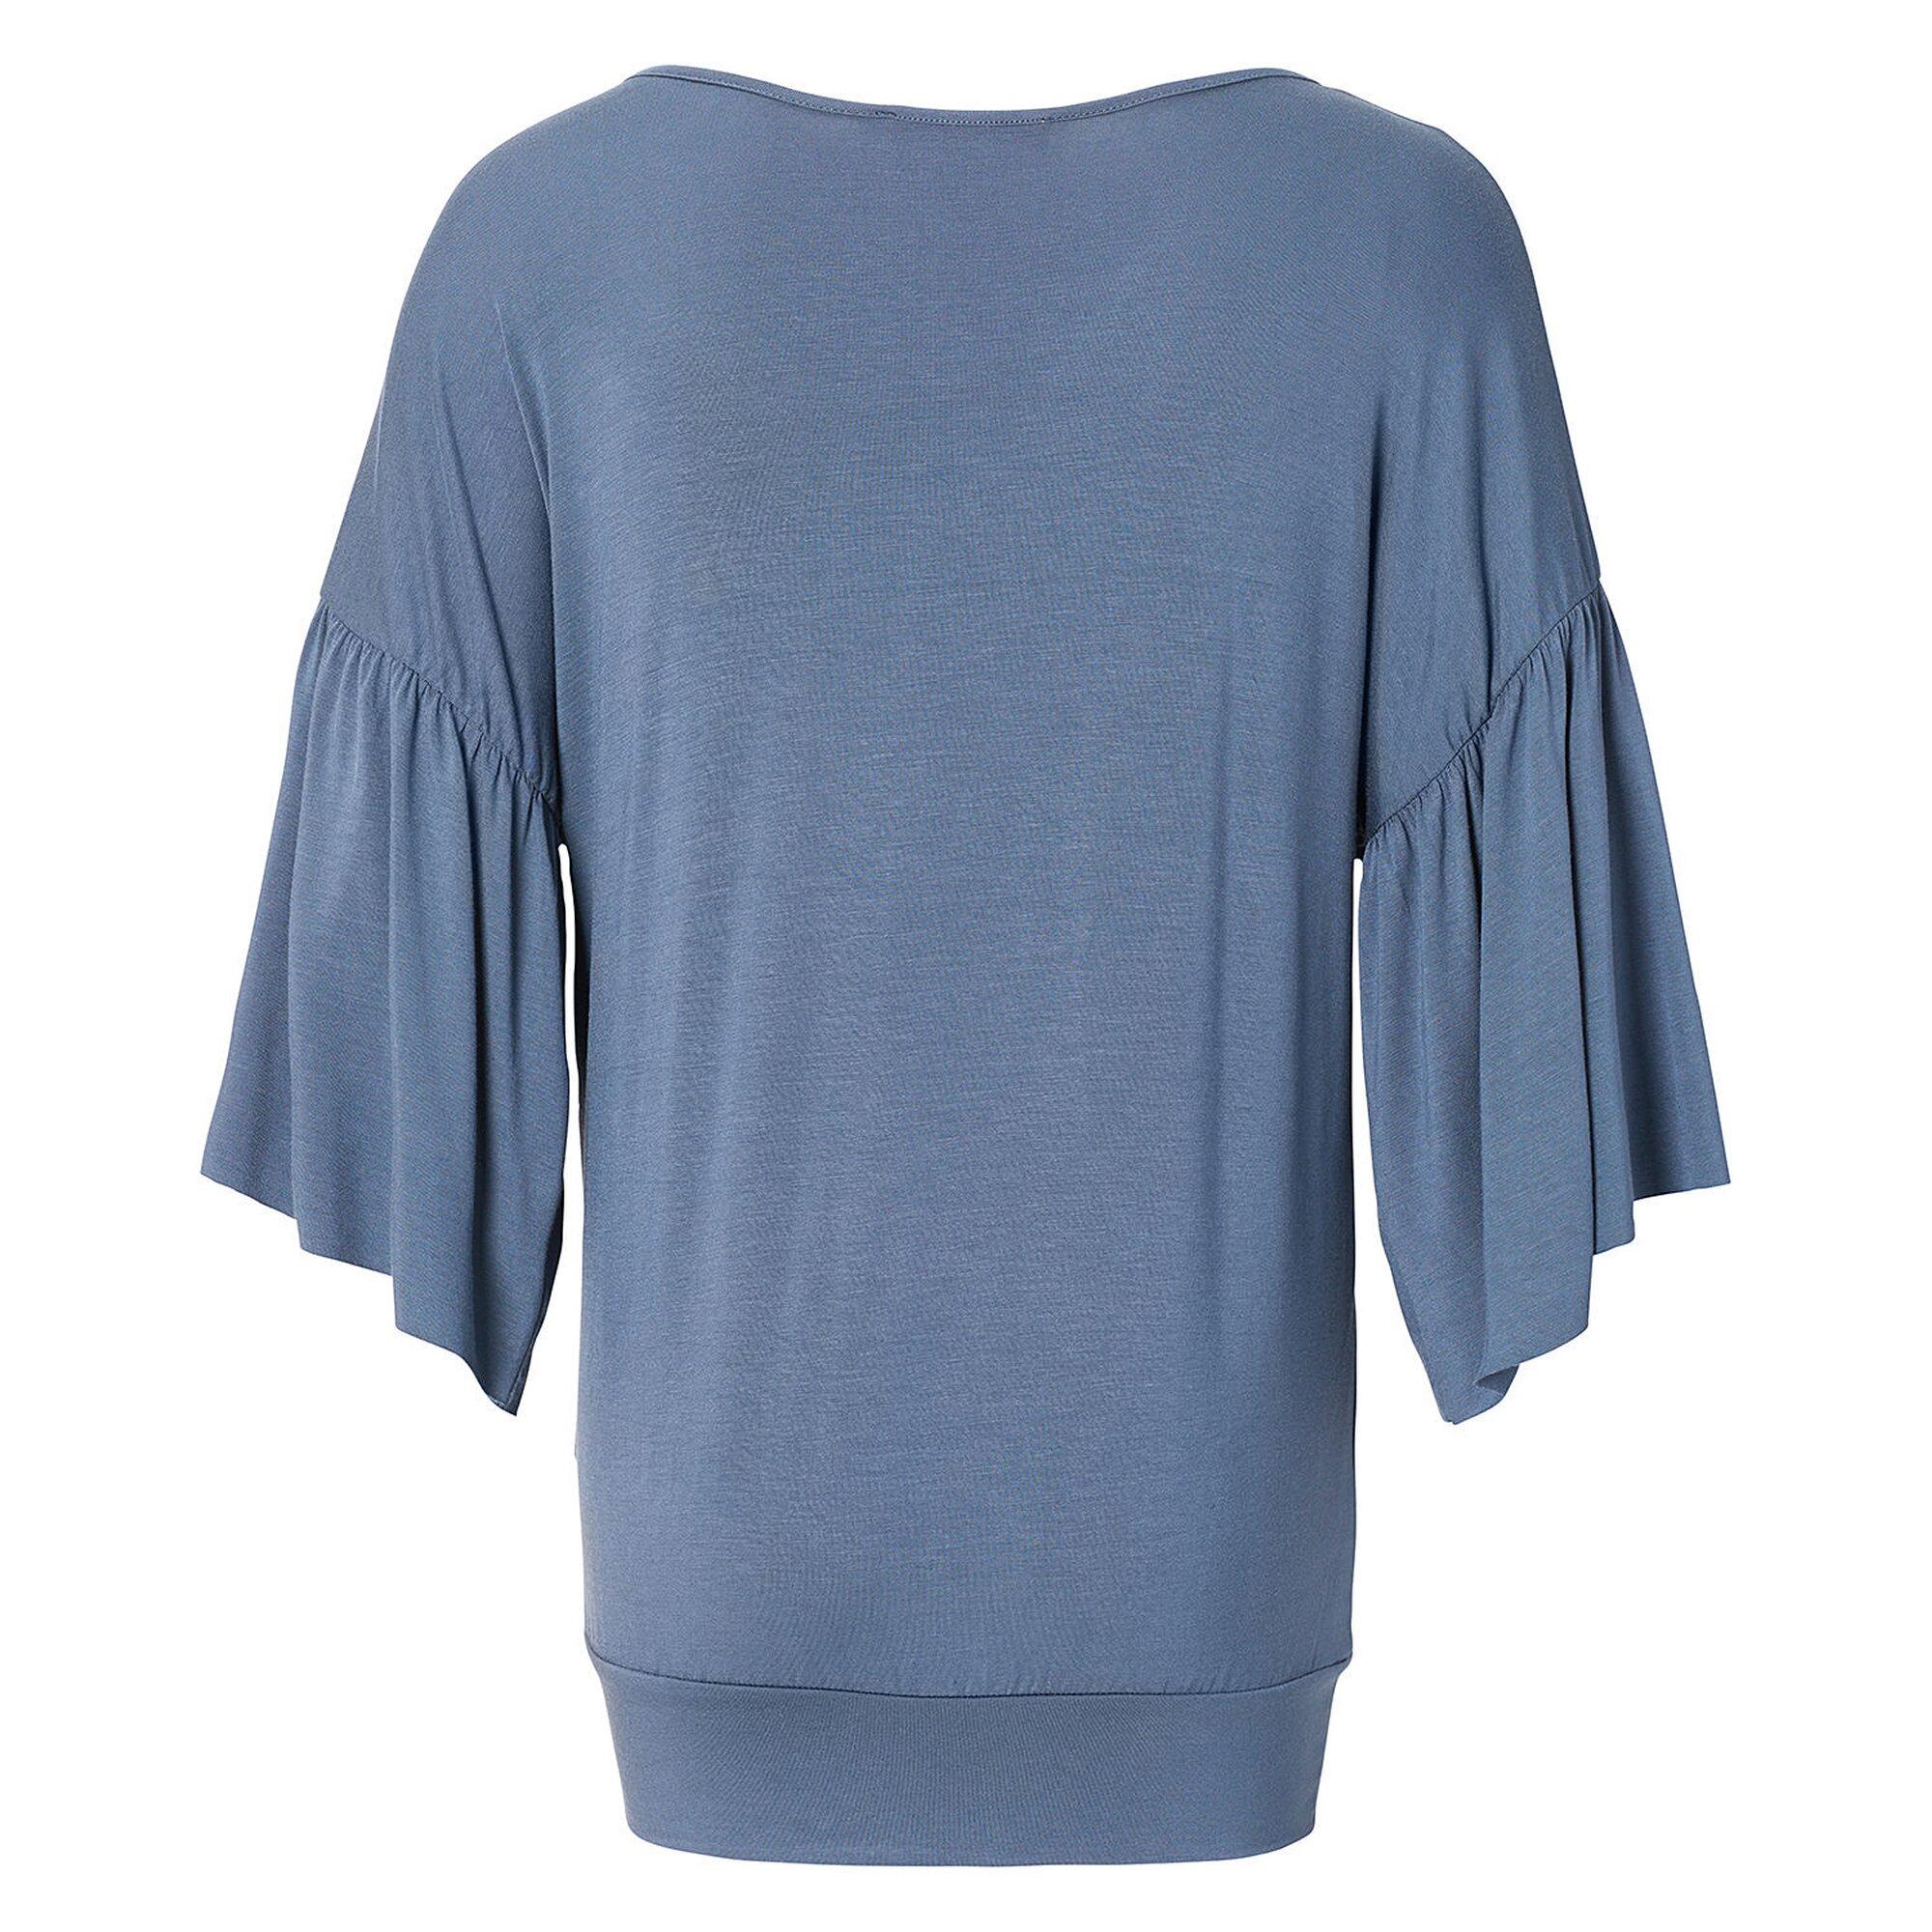 bluse, 54.99 EUR @ babywalz-de